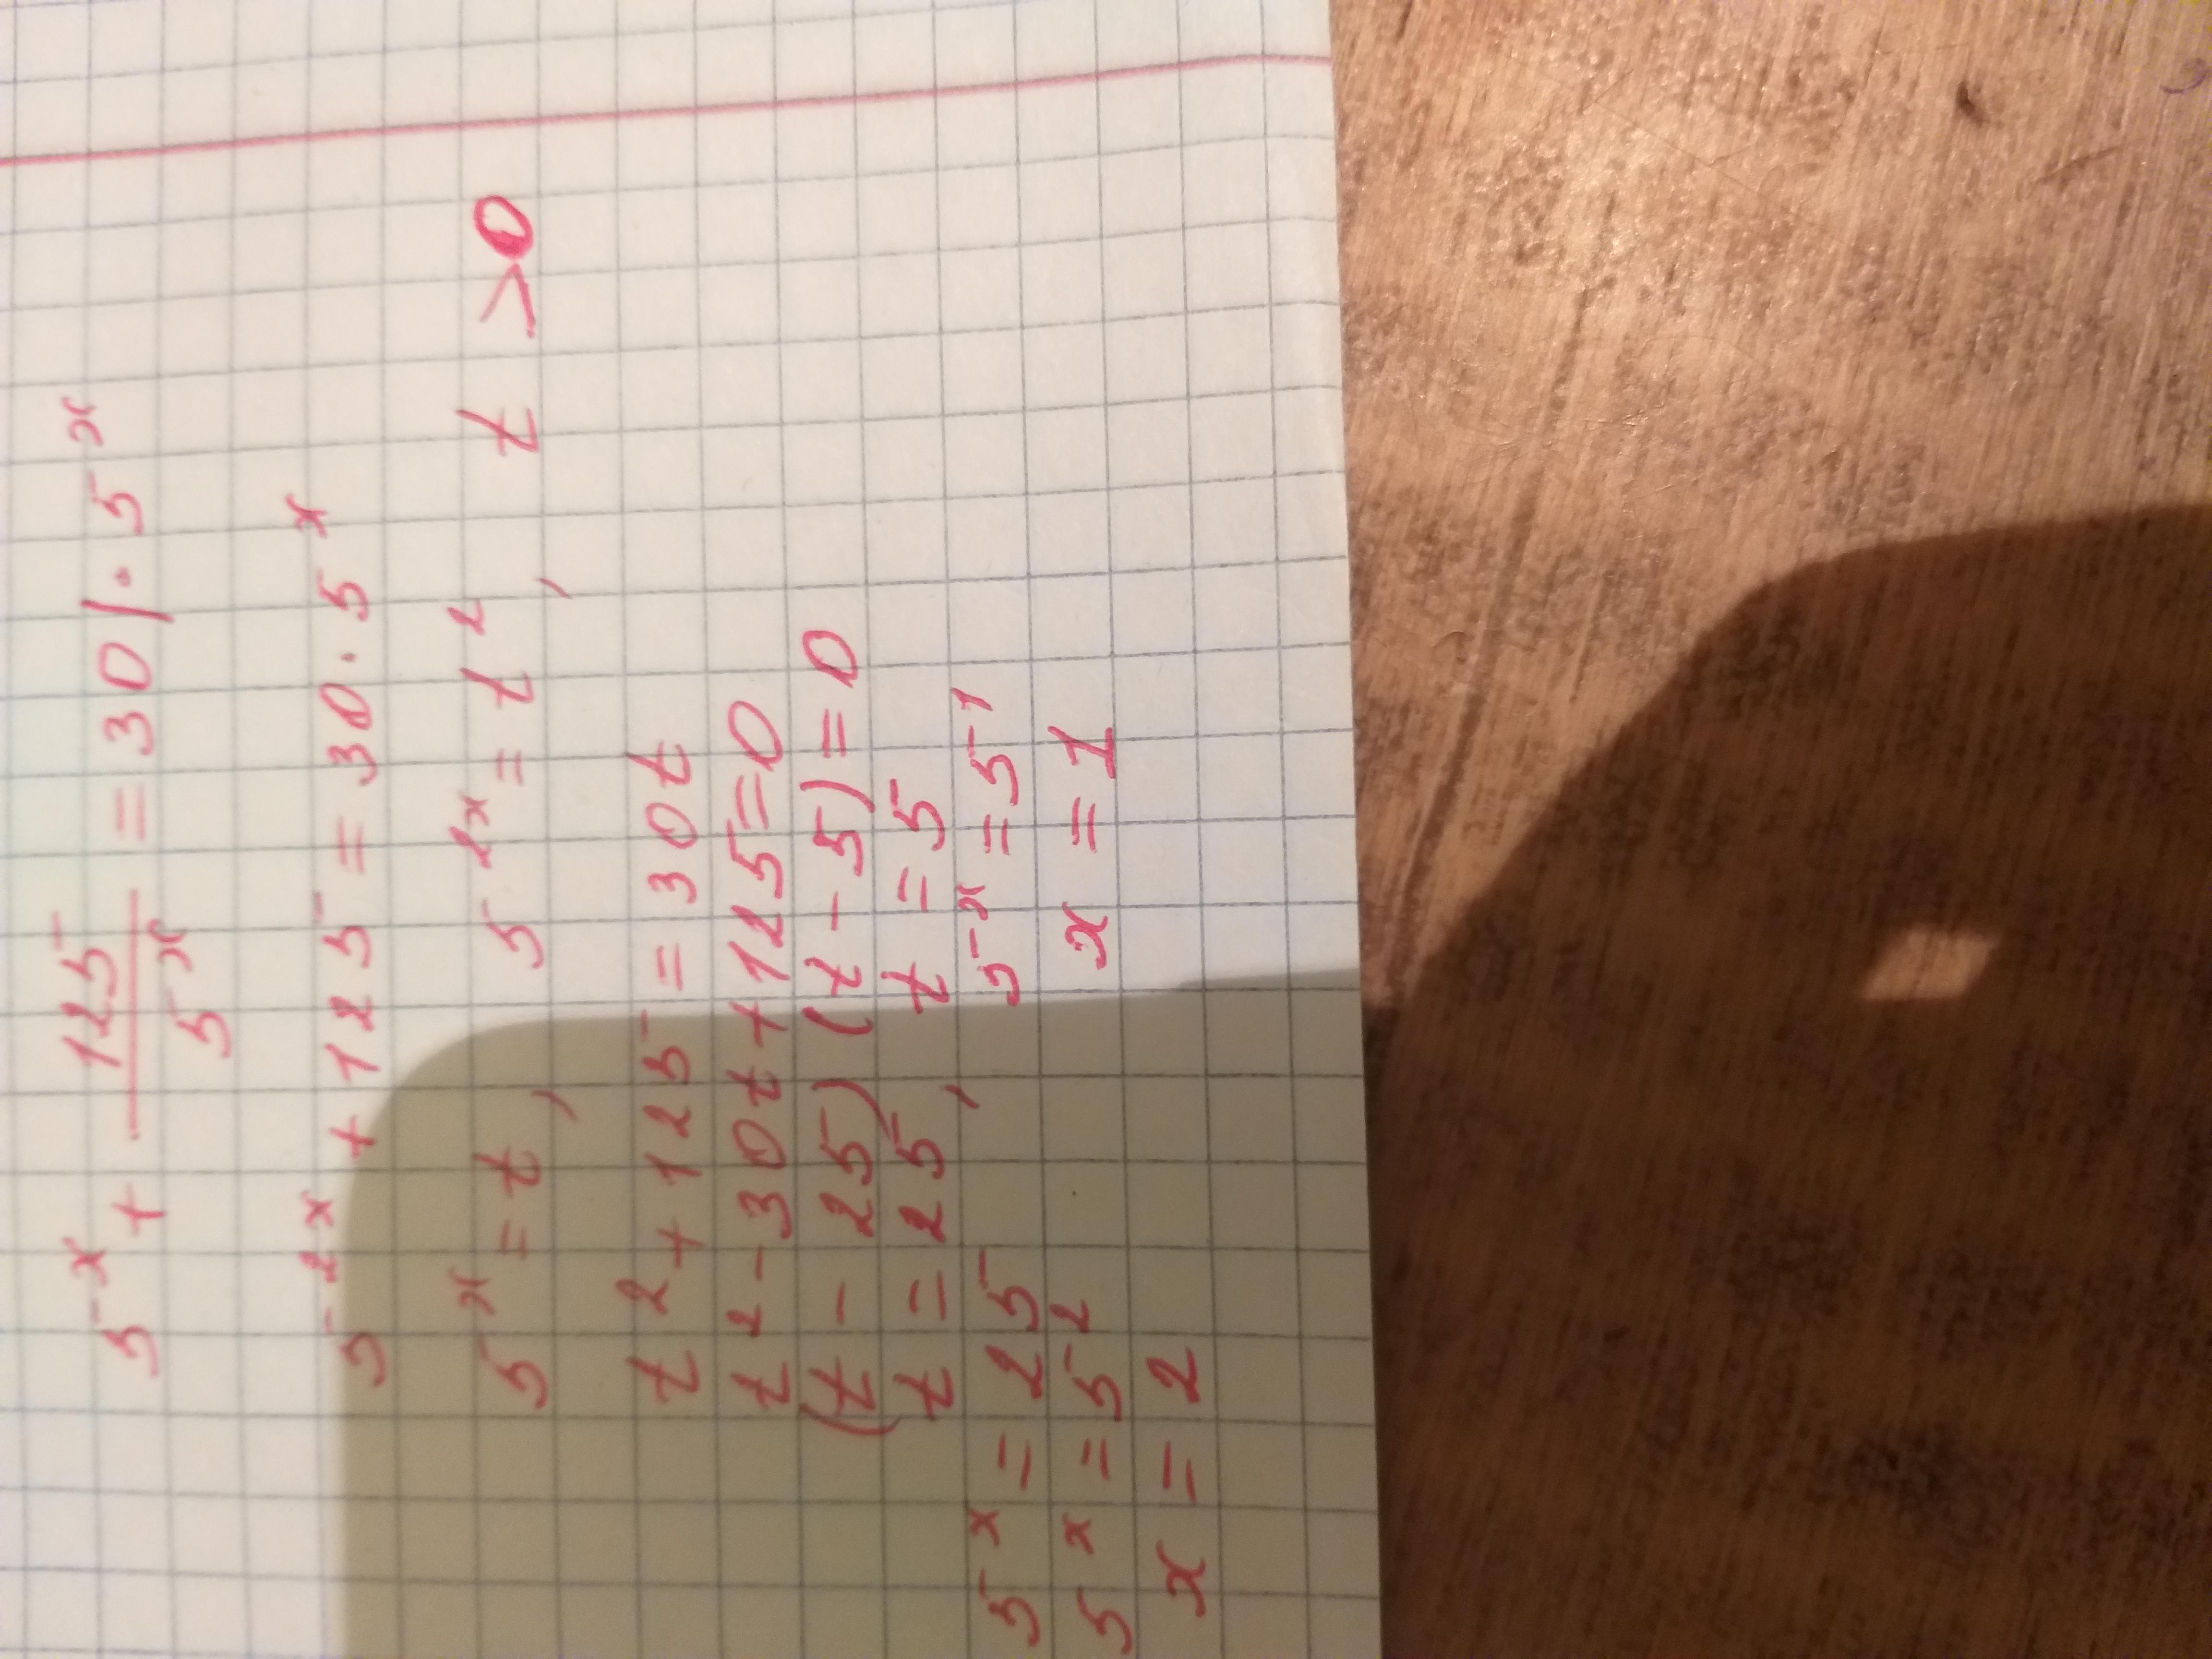 Уравнение : 5^x + 125/5^x = 30